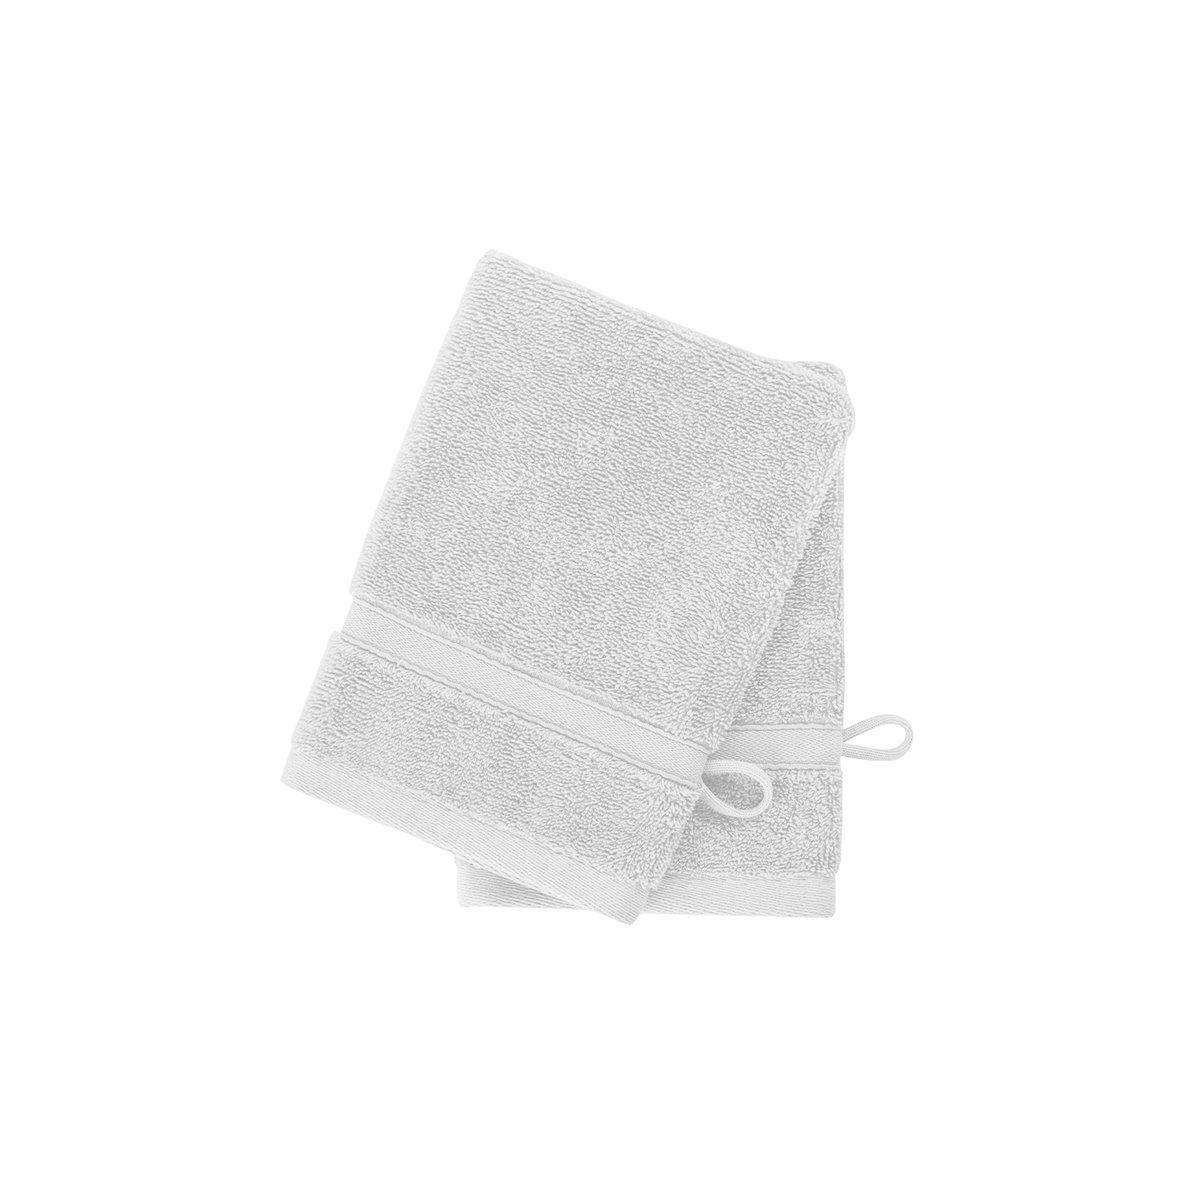 2 gants en coton bio Blanc 16x22 cm